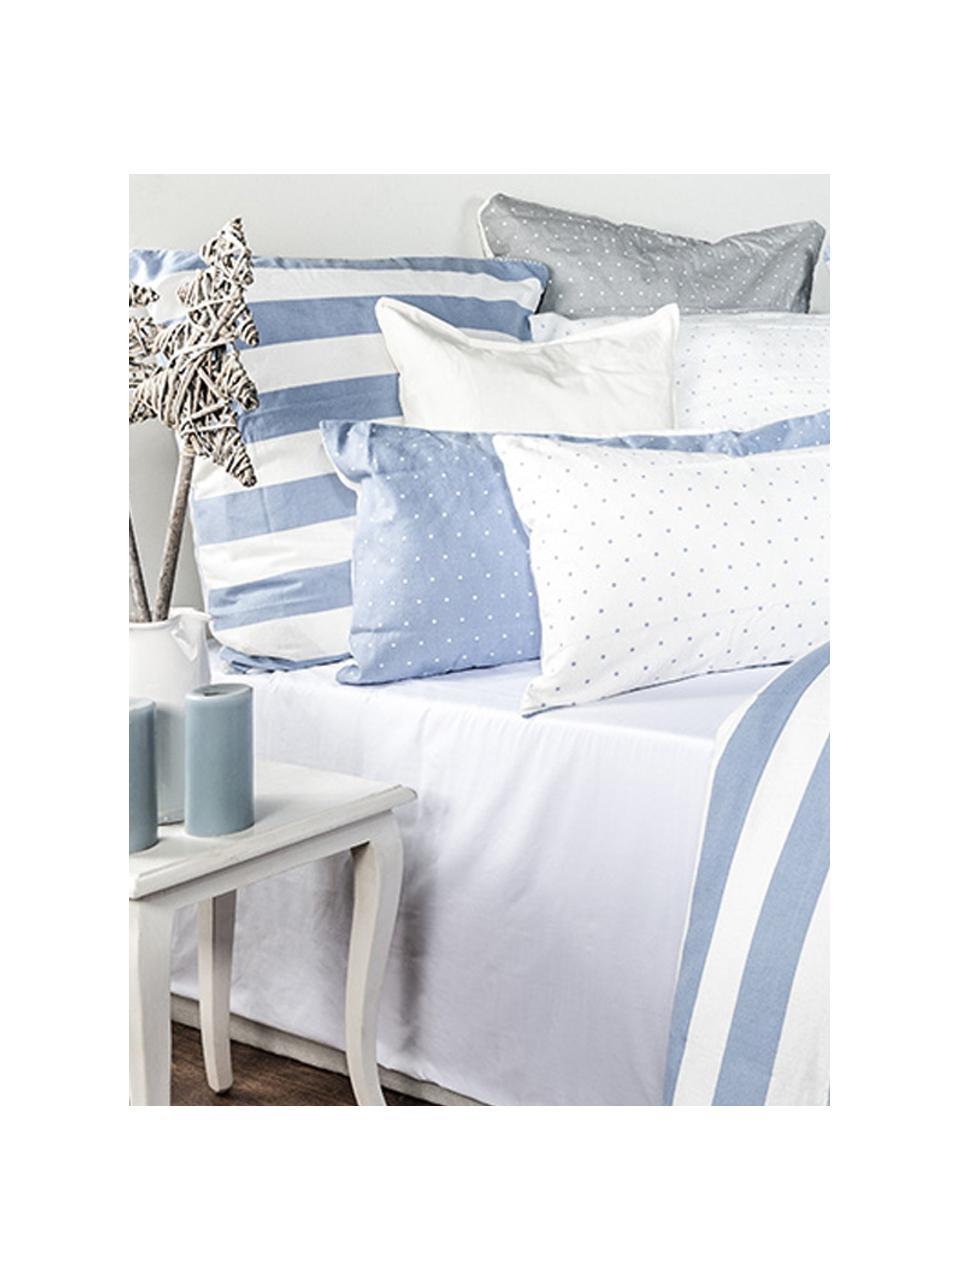 Flanell-Wendebettwäsche Dora, gestreift, Webart: Flanell Flanell ist ein k, Weiß, Hellblau, 135 x 200 cm + 1 Kissen 80 x 80 cm